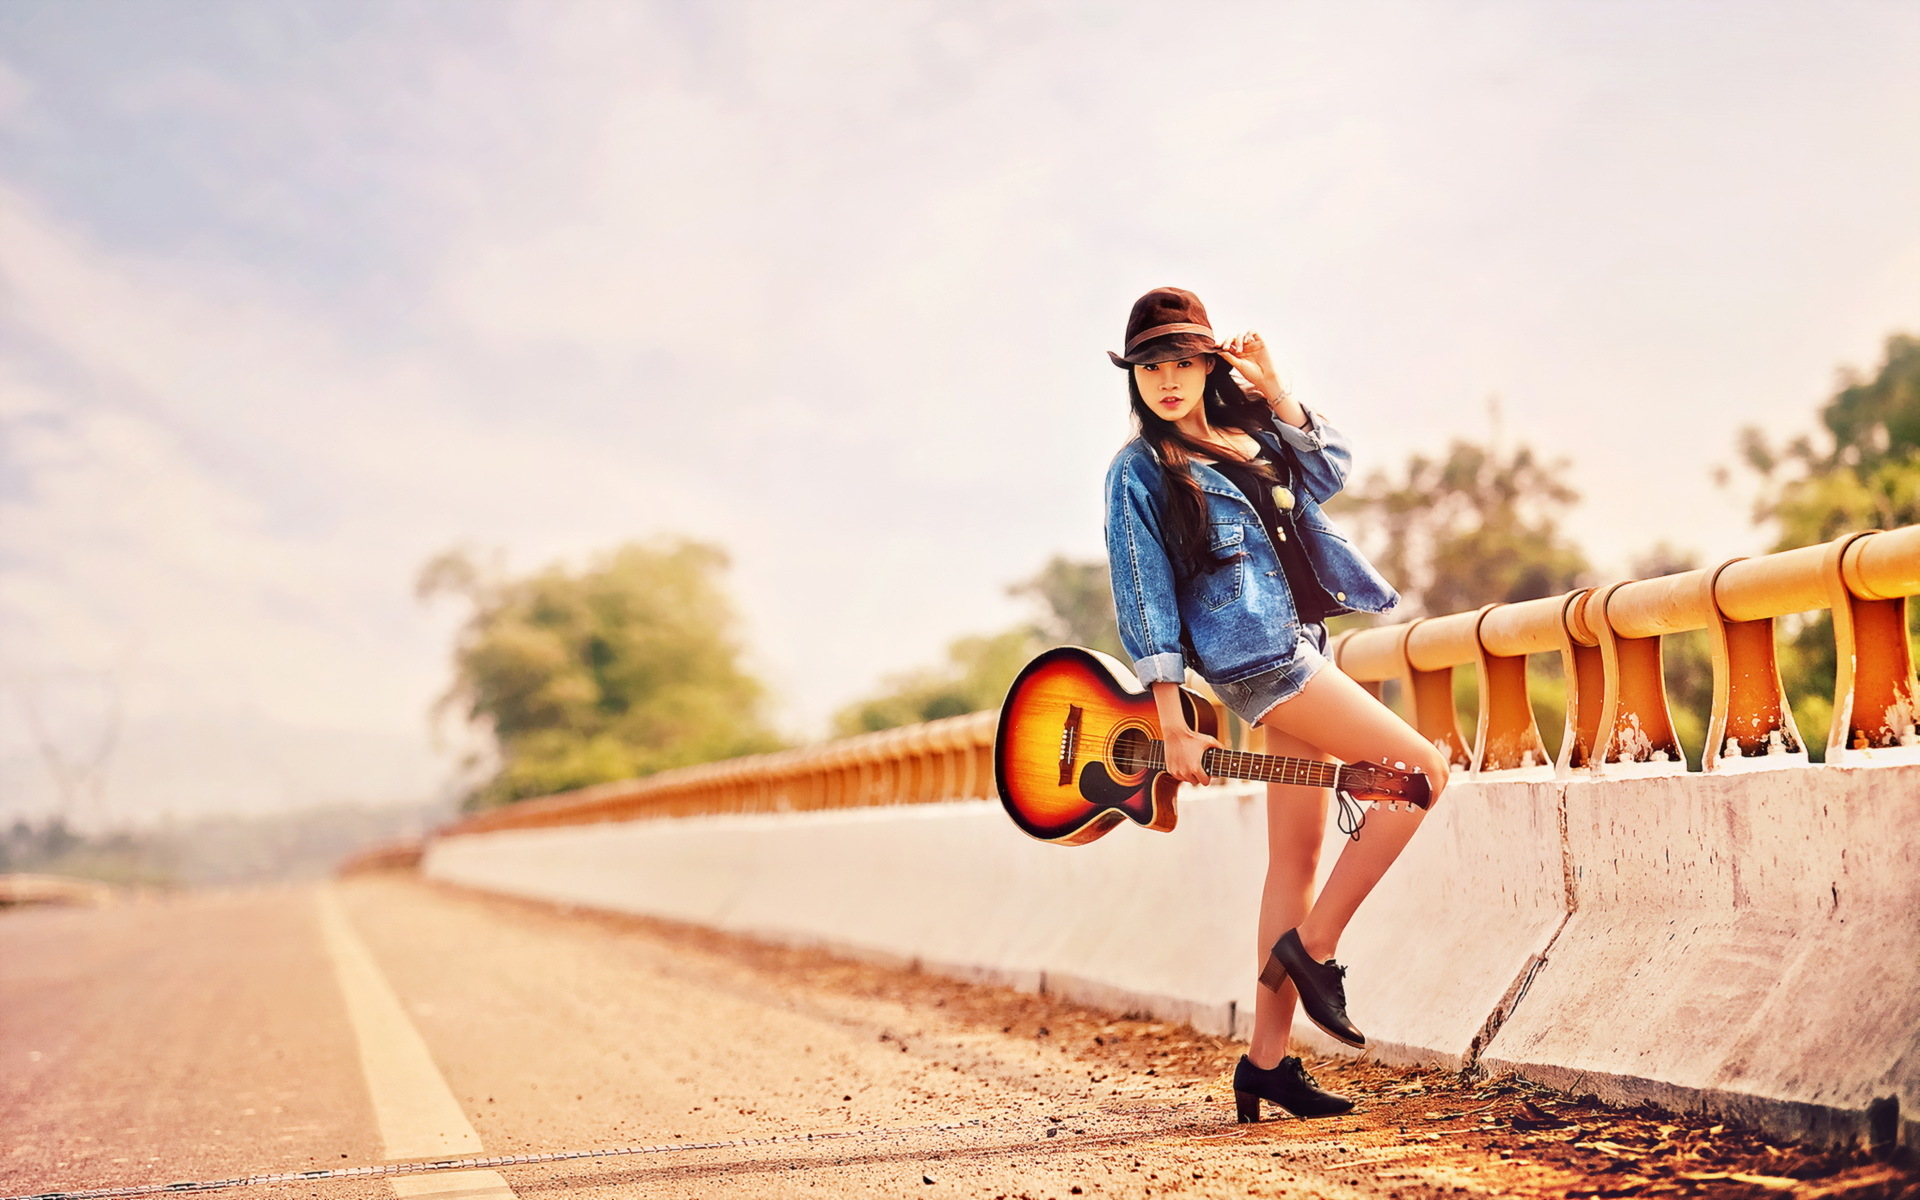 guitar girls wallpaper wallpapersafari. Black Bedroom Furniture Sets. Home Design Ideas